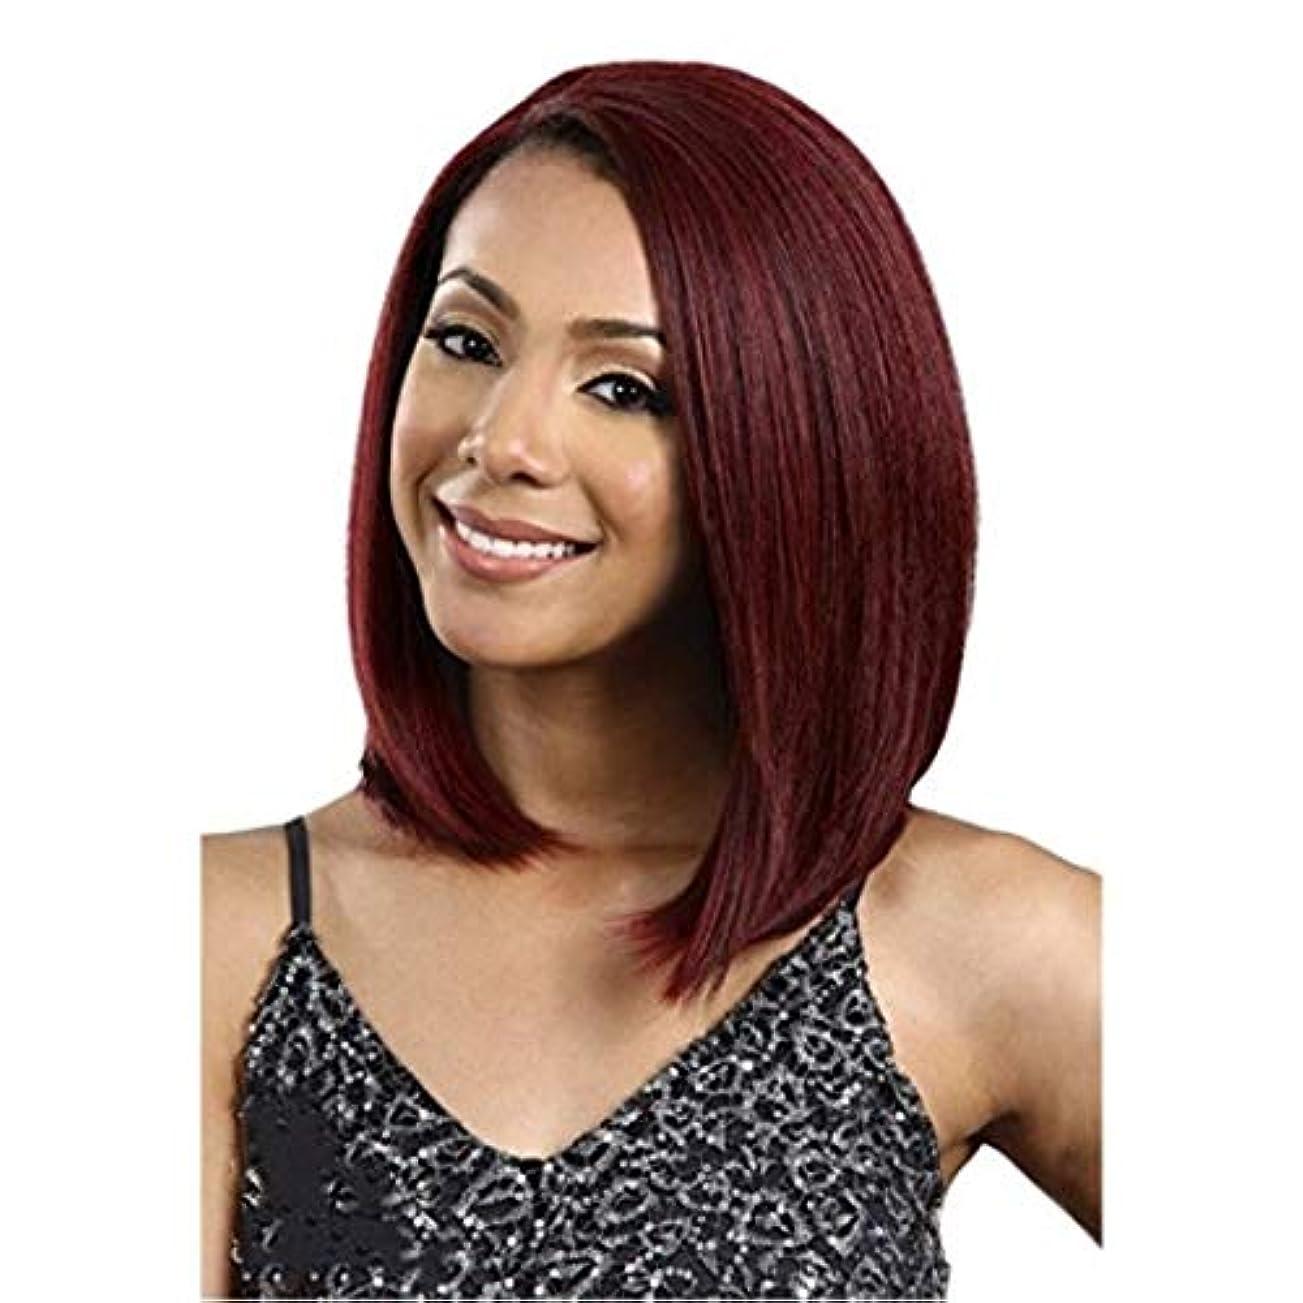 防水剛性ドキュメンタリーKerwinner 女性のための前髪の髪のかつらとミディアムストレートヘアレッドウィッグヘッドギア耐熱合成かつら